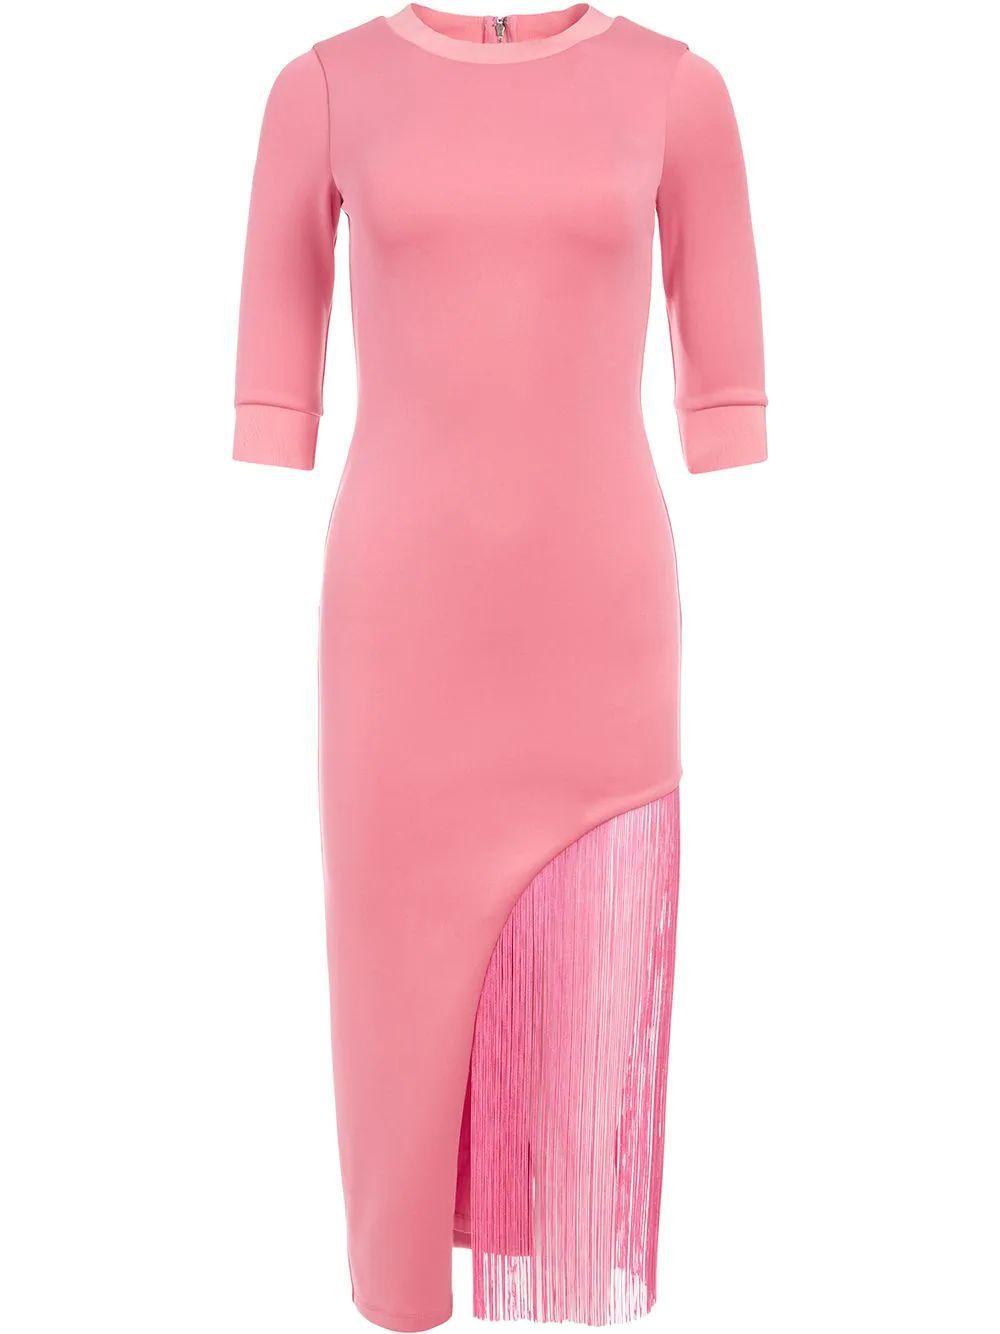 Keanna Fringe Dress